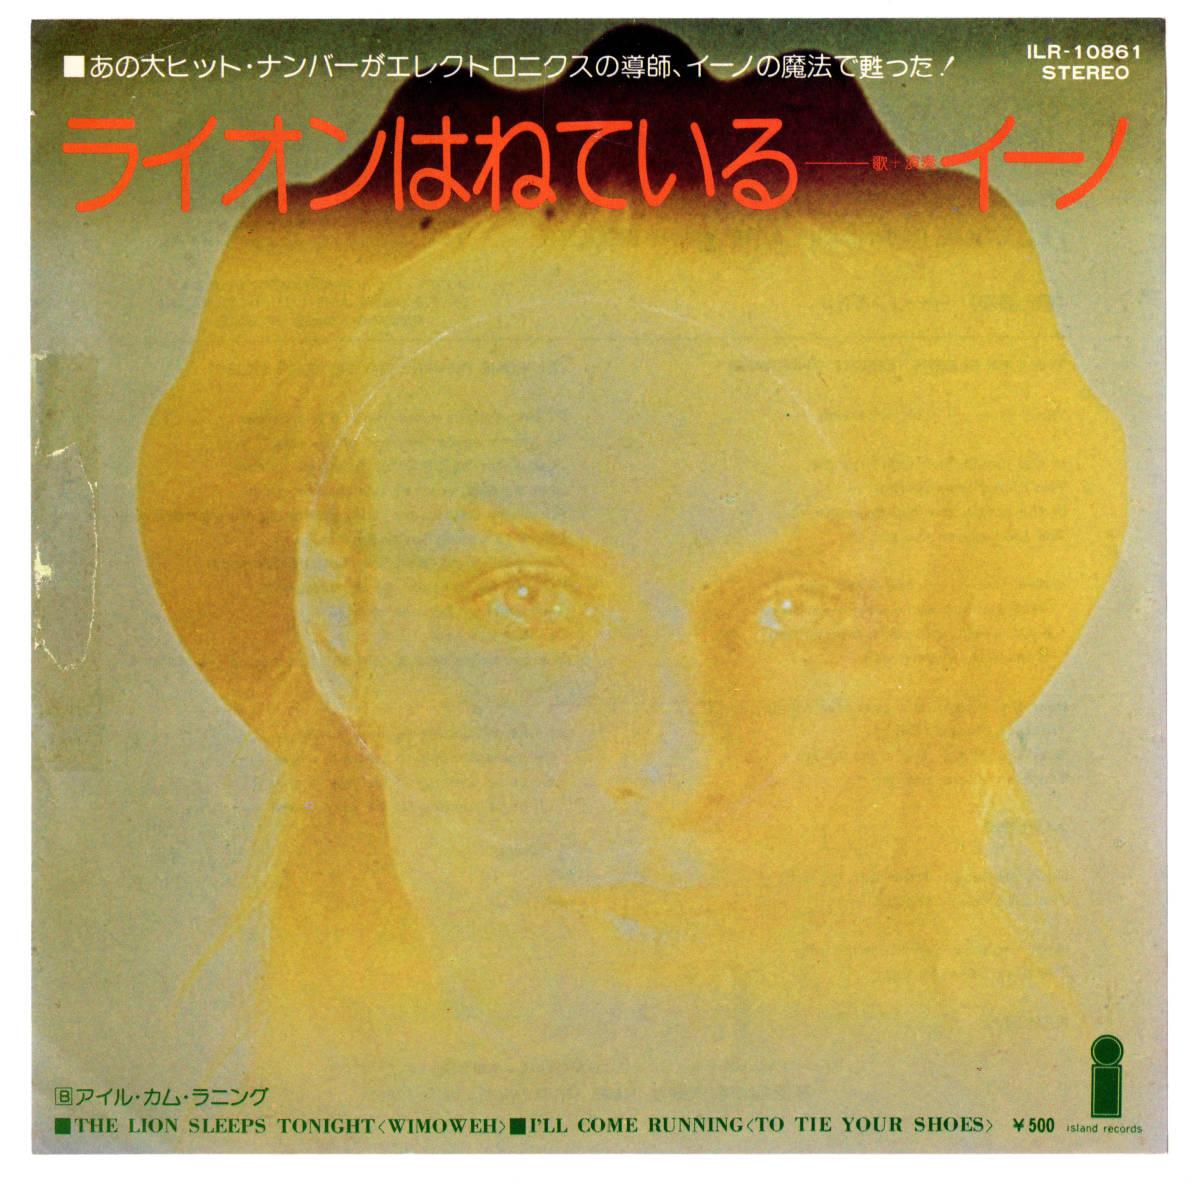 """【7"""" 国内盤】 ブライアン・イーノ BRIAN ENO ライオンはねている 白ラベル '75 ブリティッシュ 7inch 45 ROXY MUSIC 日本盤"""